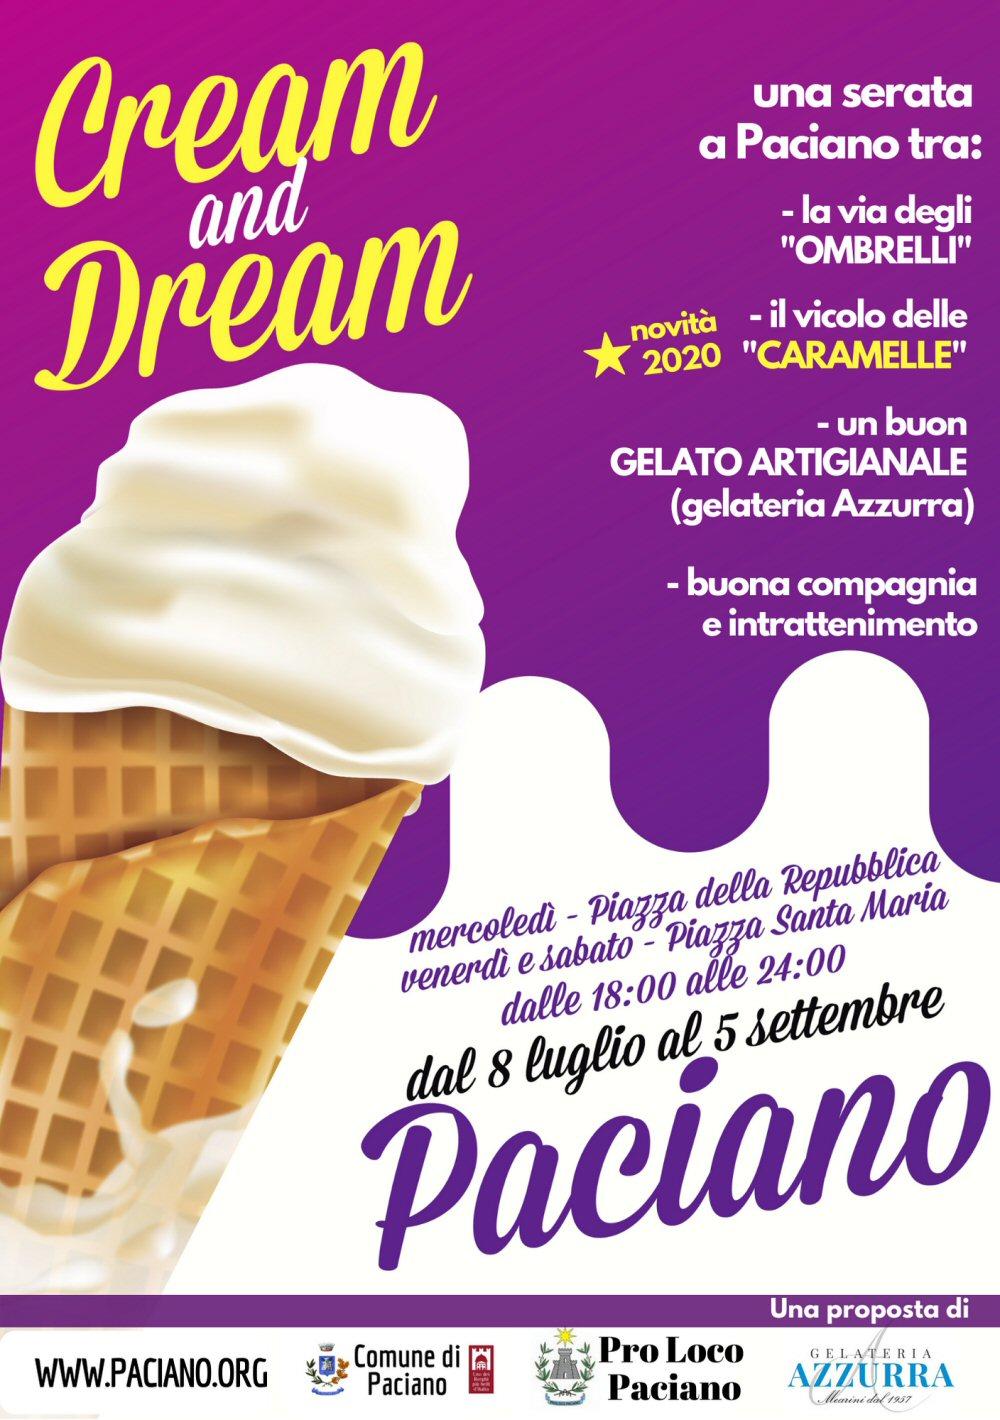 Cream and Dream Paciano